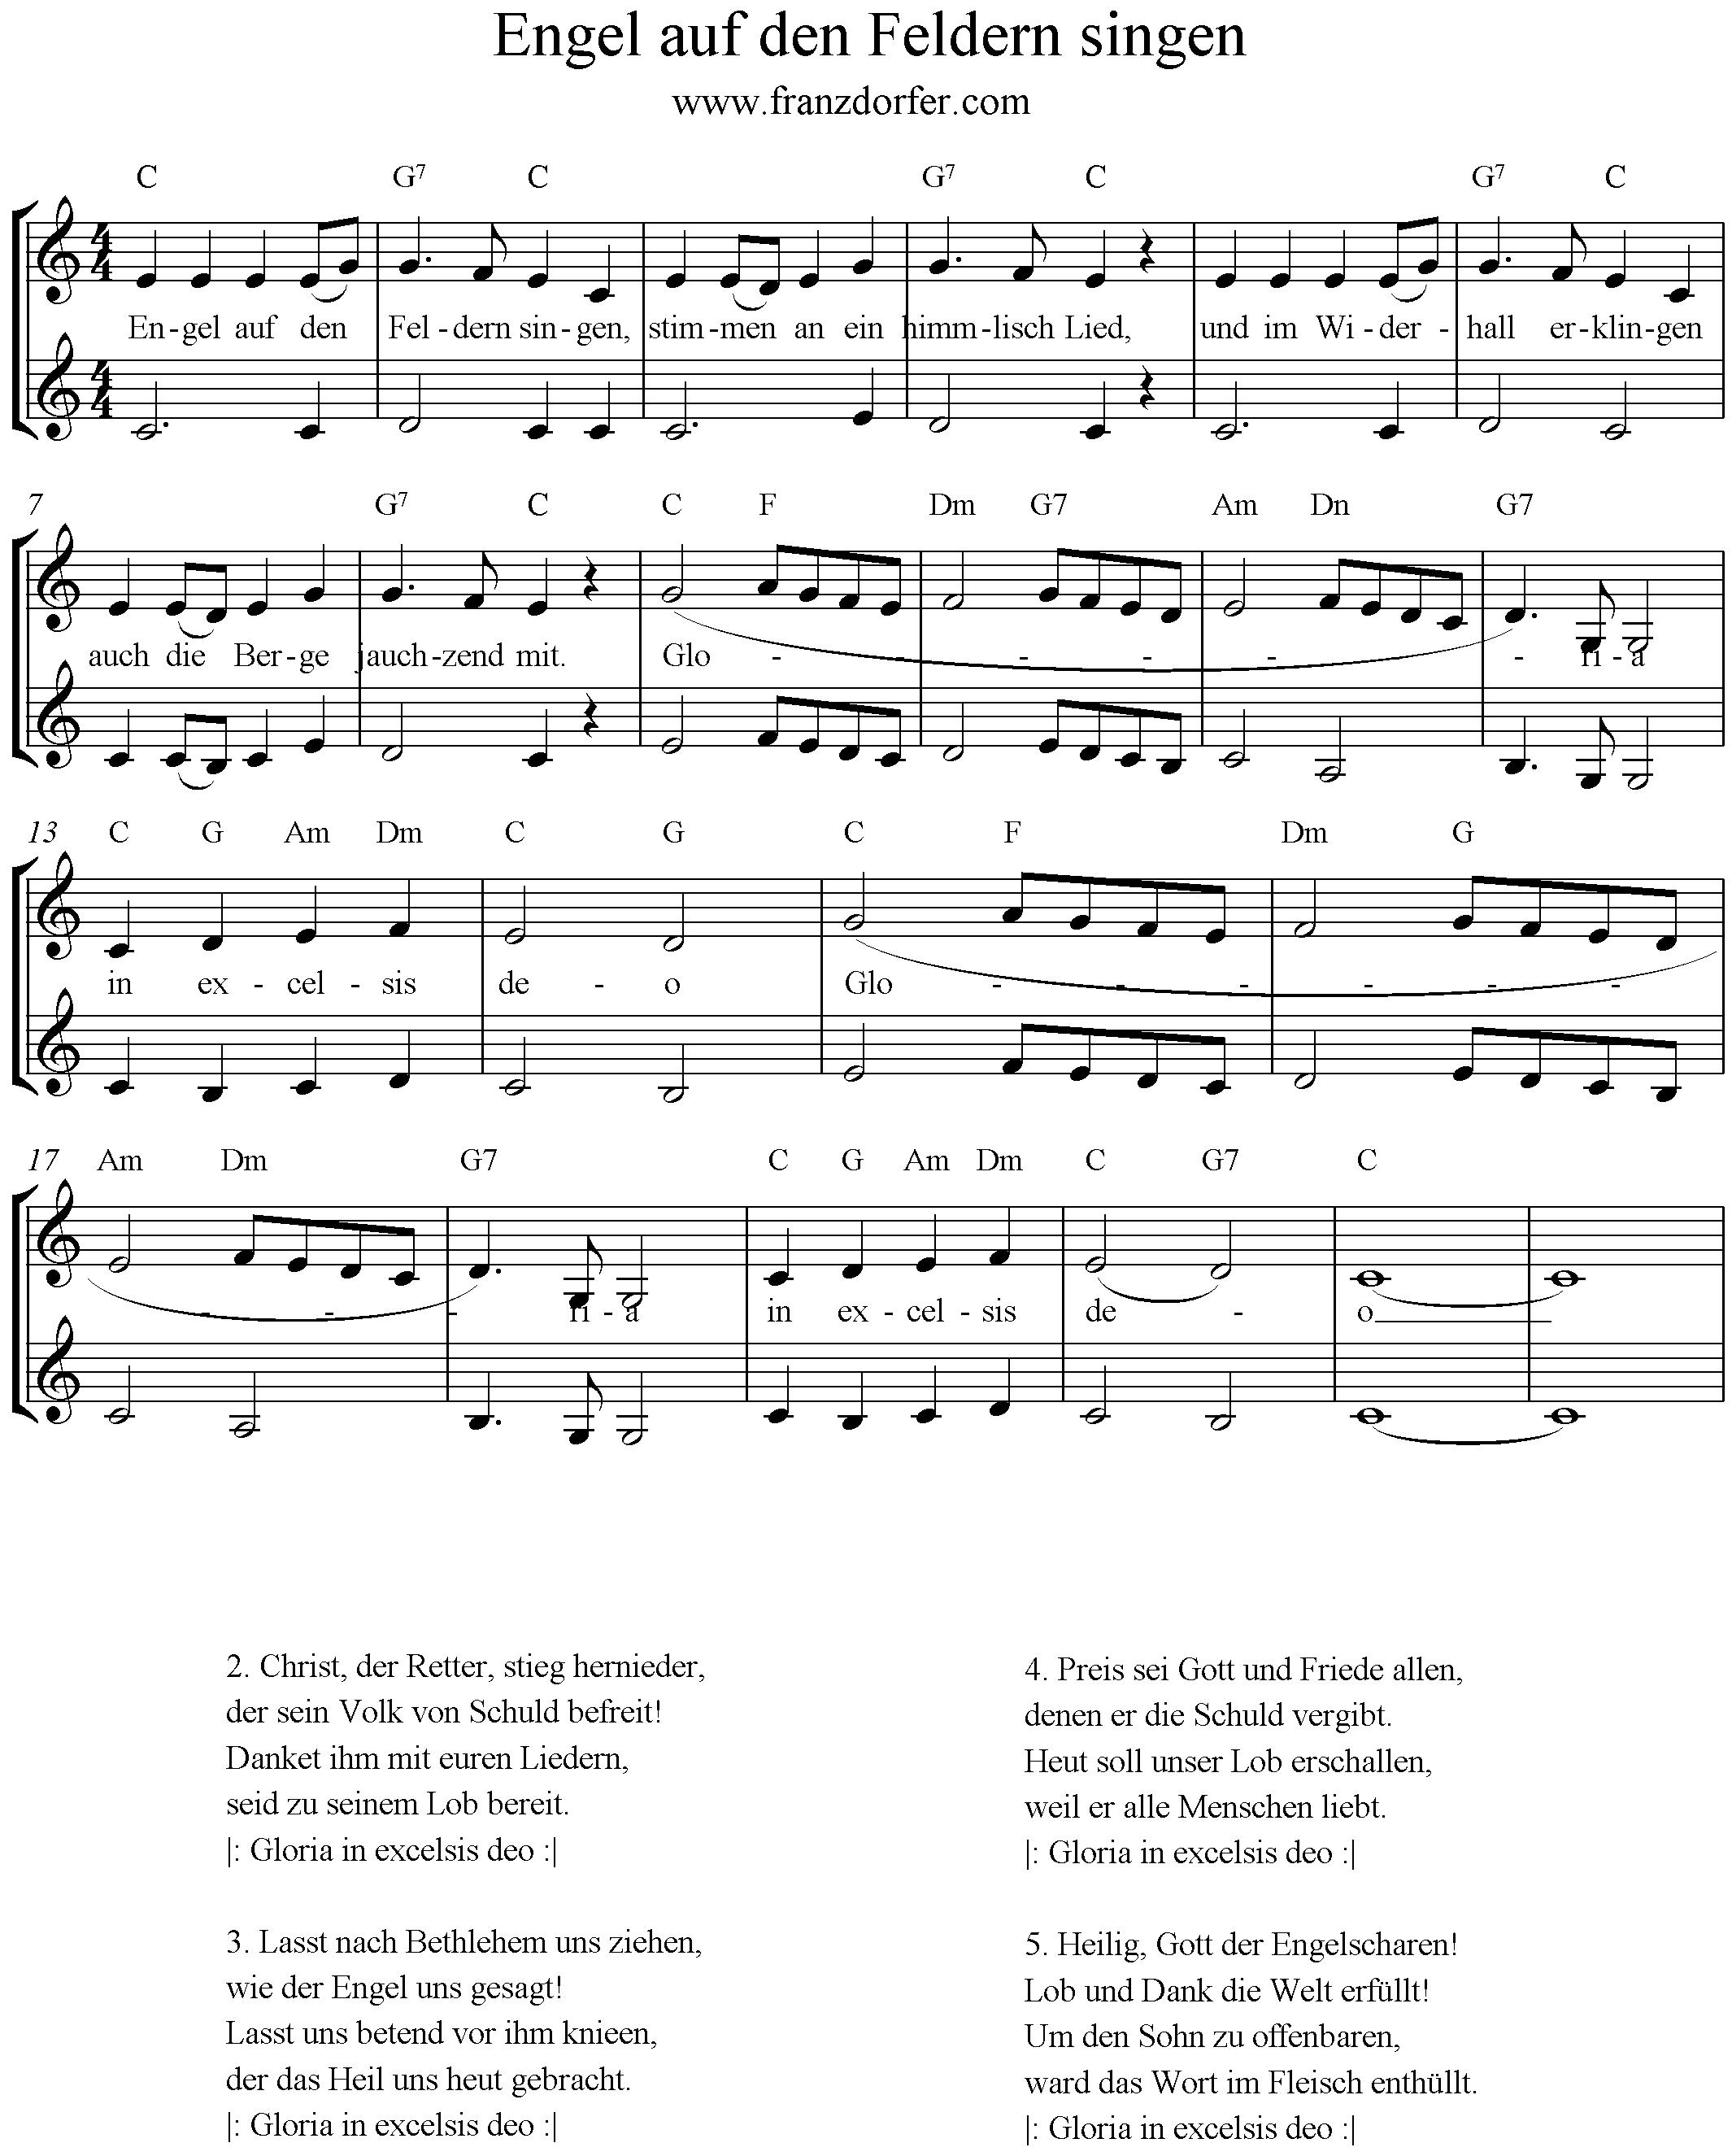 Engel auf den Feldern singen